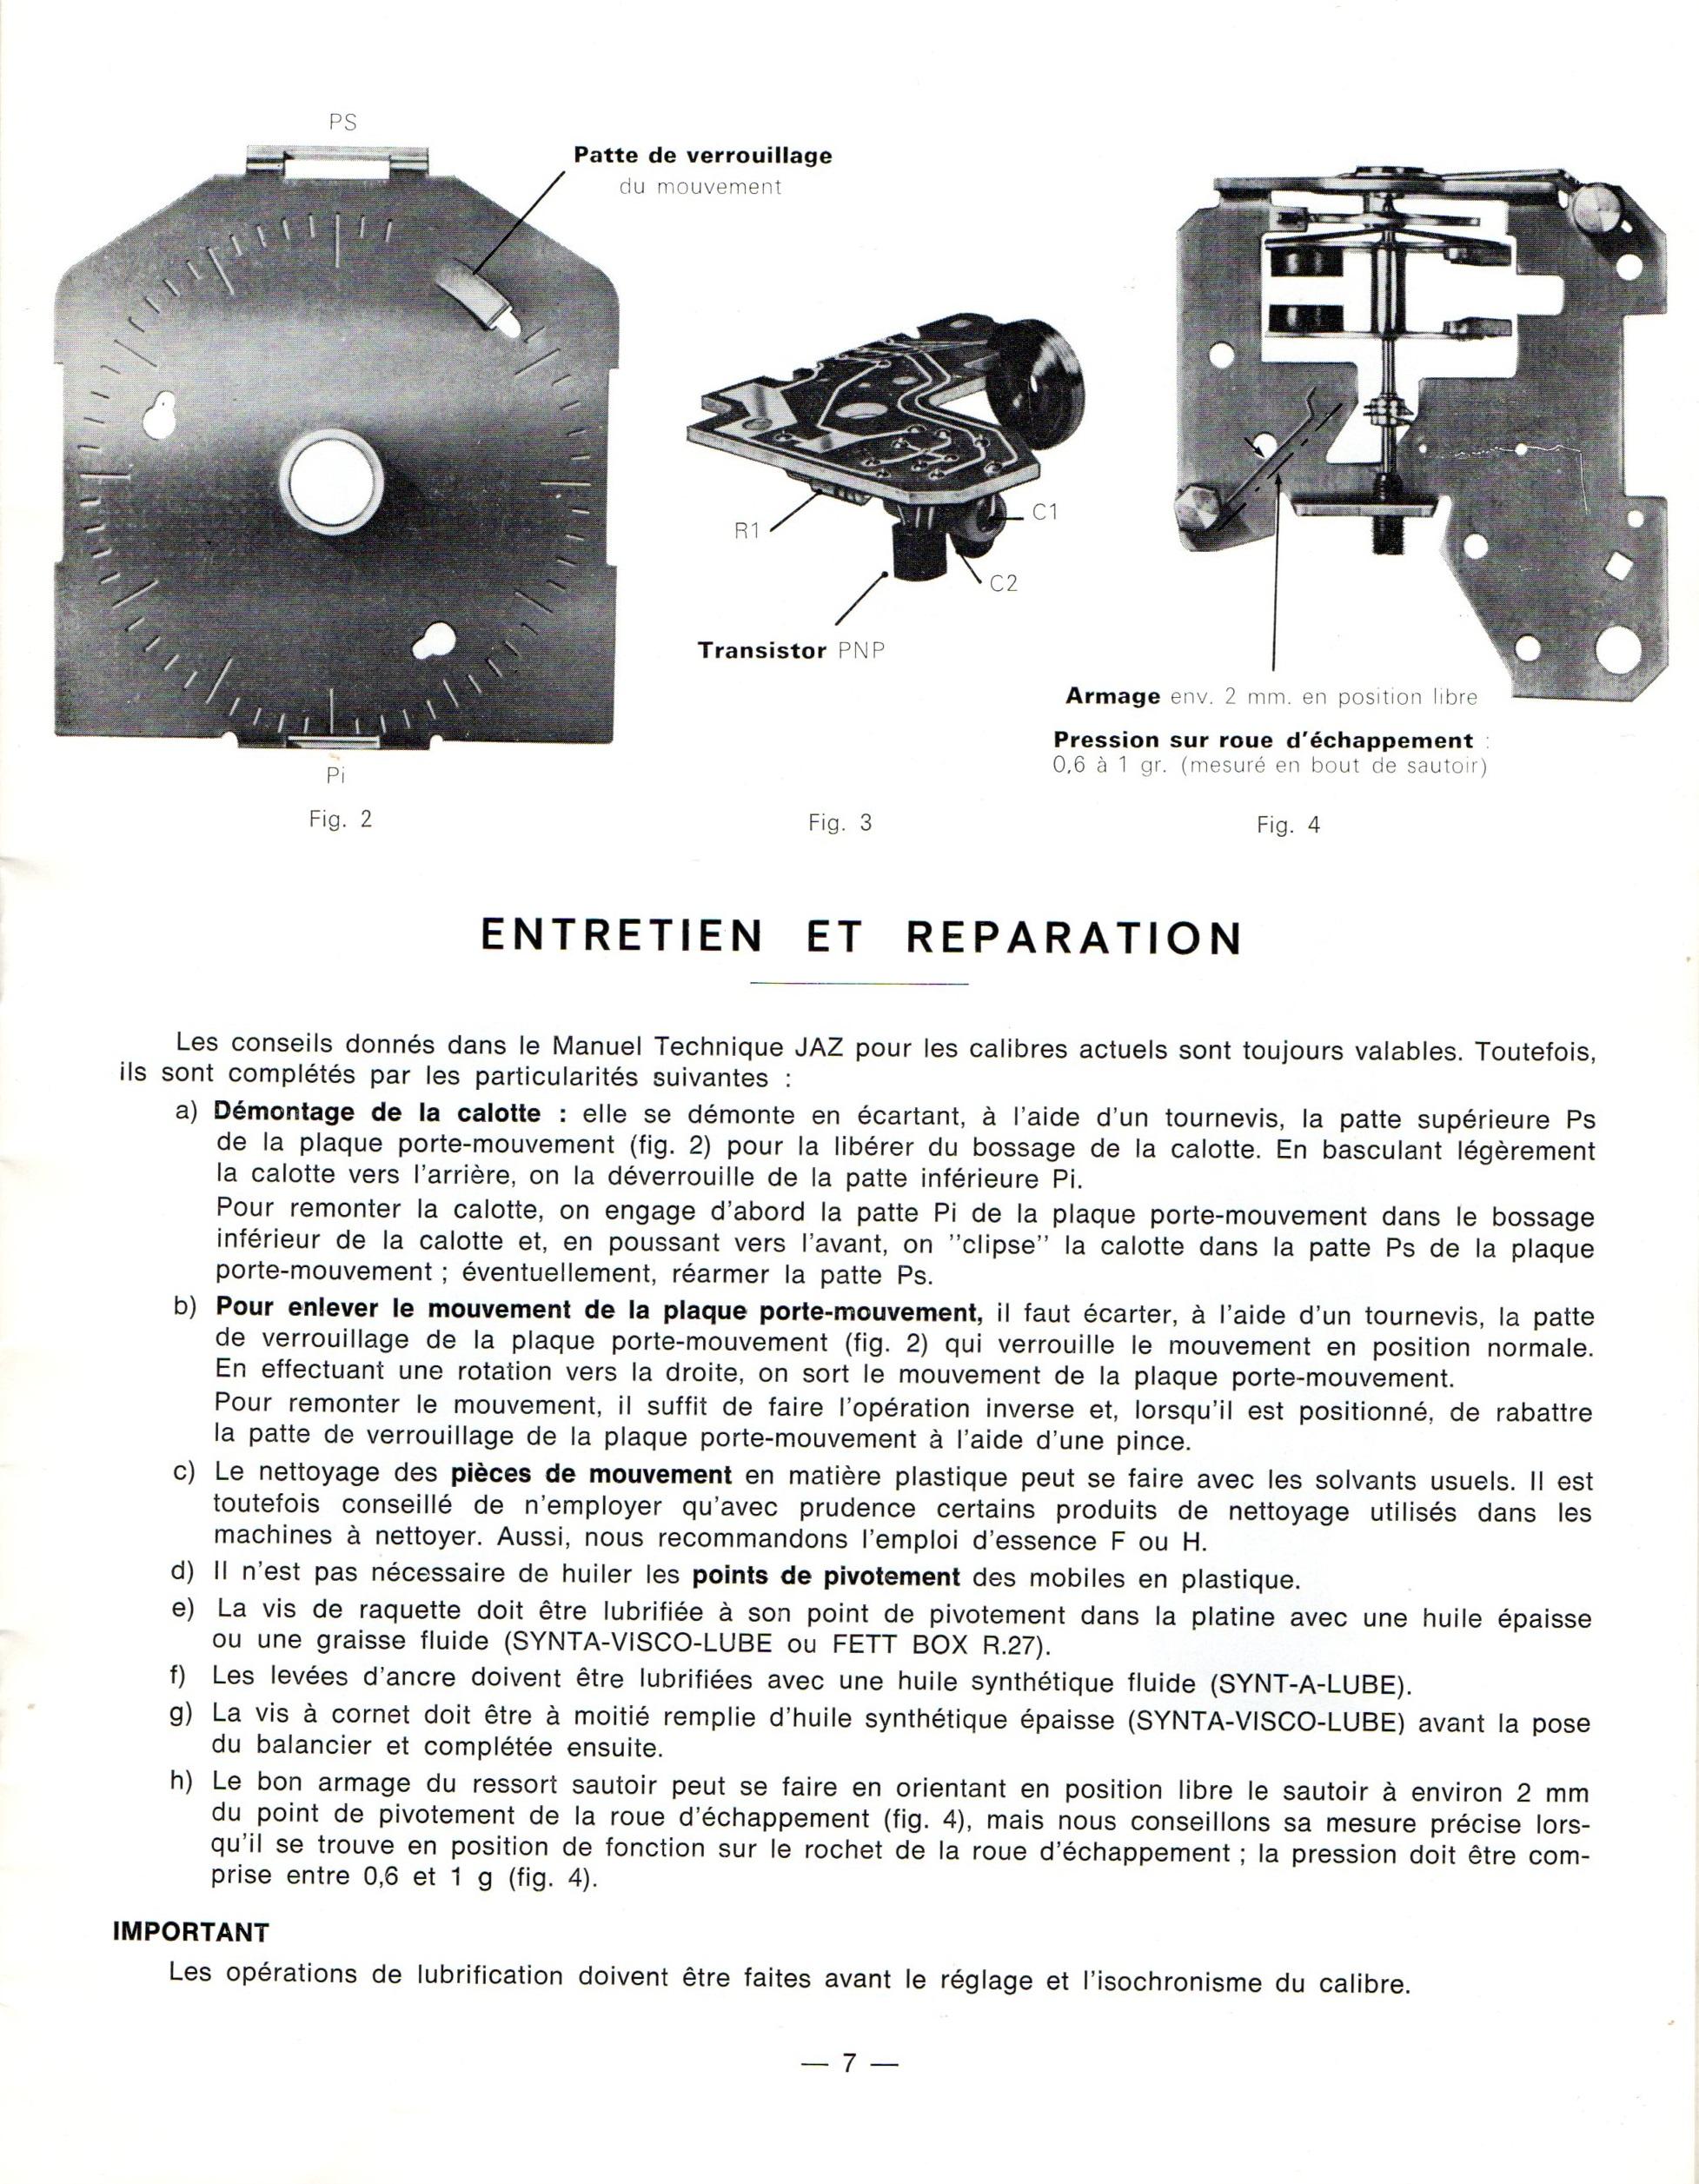 Jaz électronique et électrique TM Sm et dérivés 1973 page 7